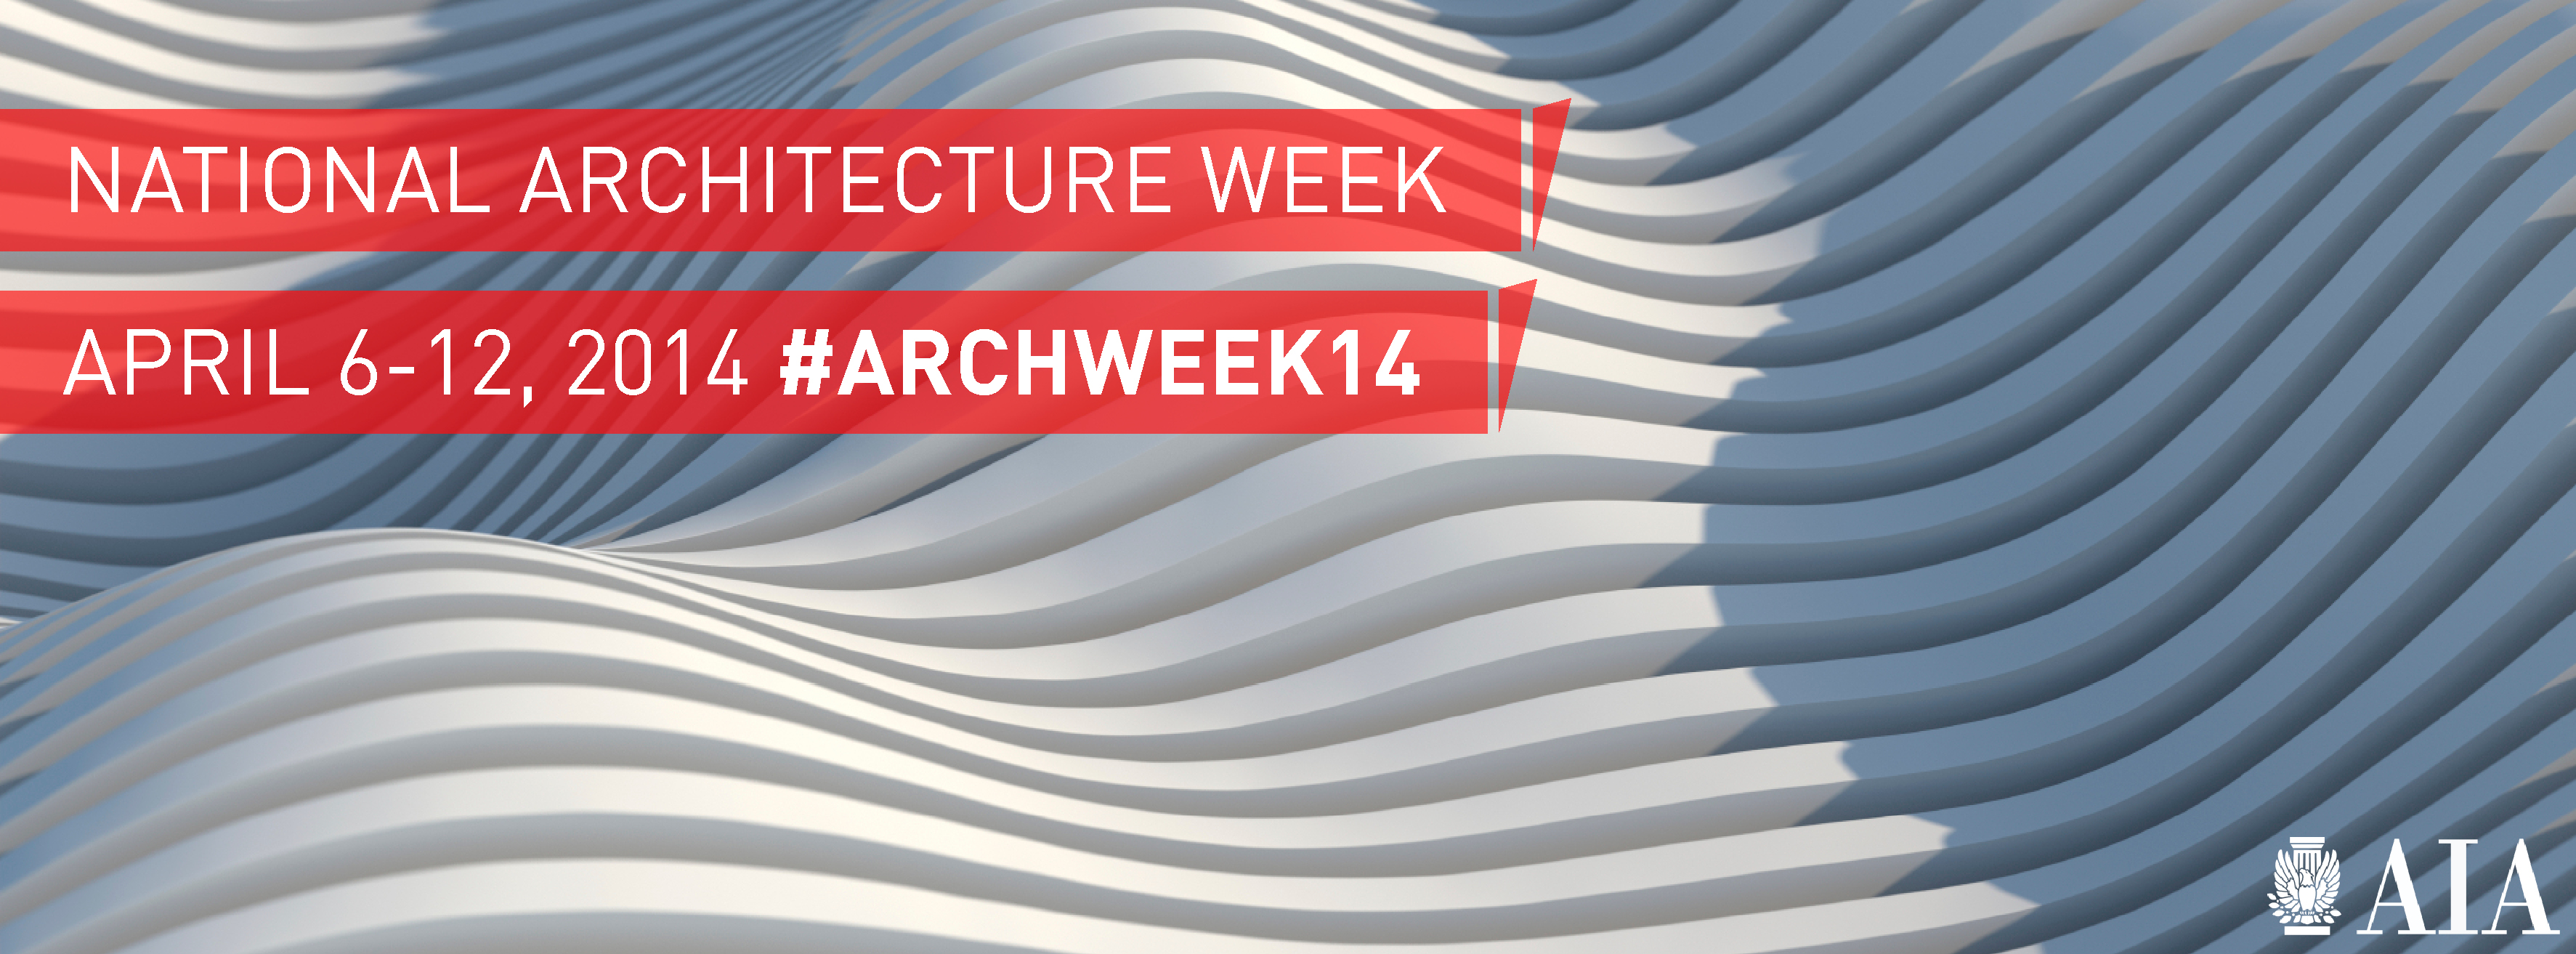 ArchWeek2014